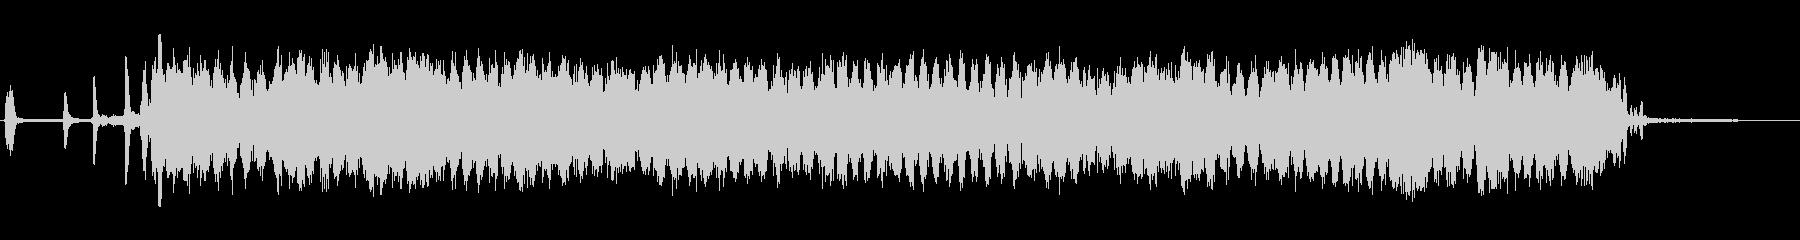 ディーゼルパスホーン-ディーゼルト...の未再生の波形